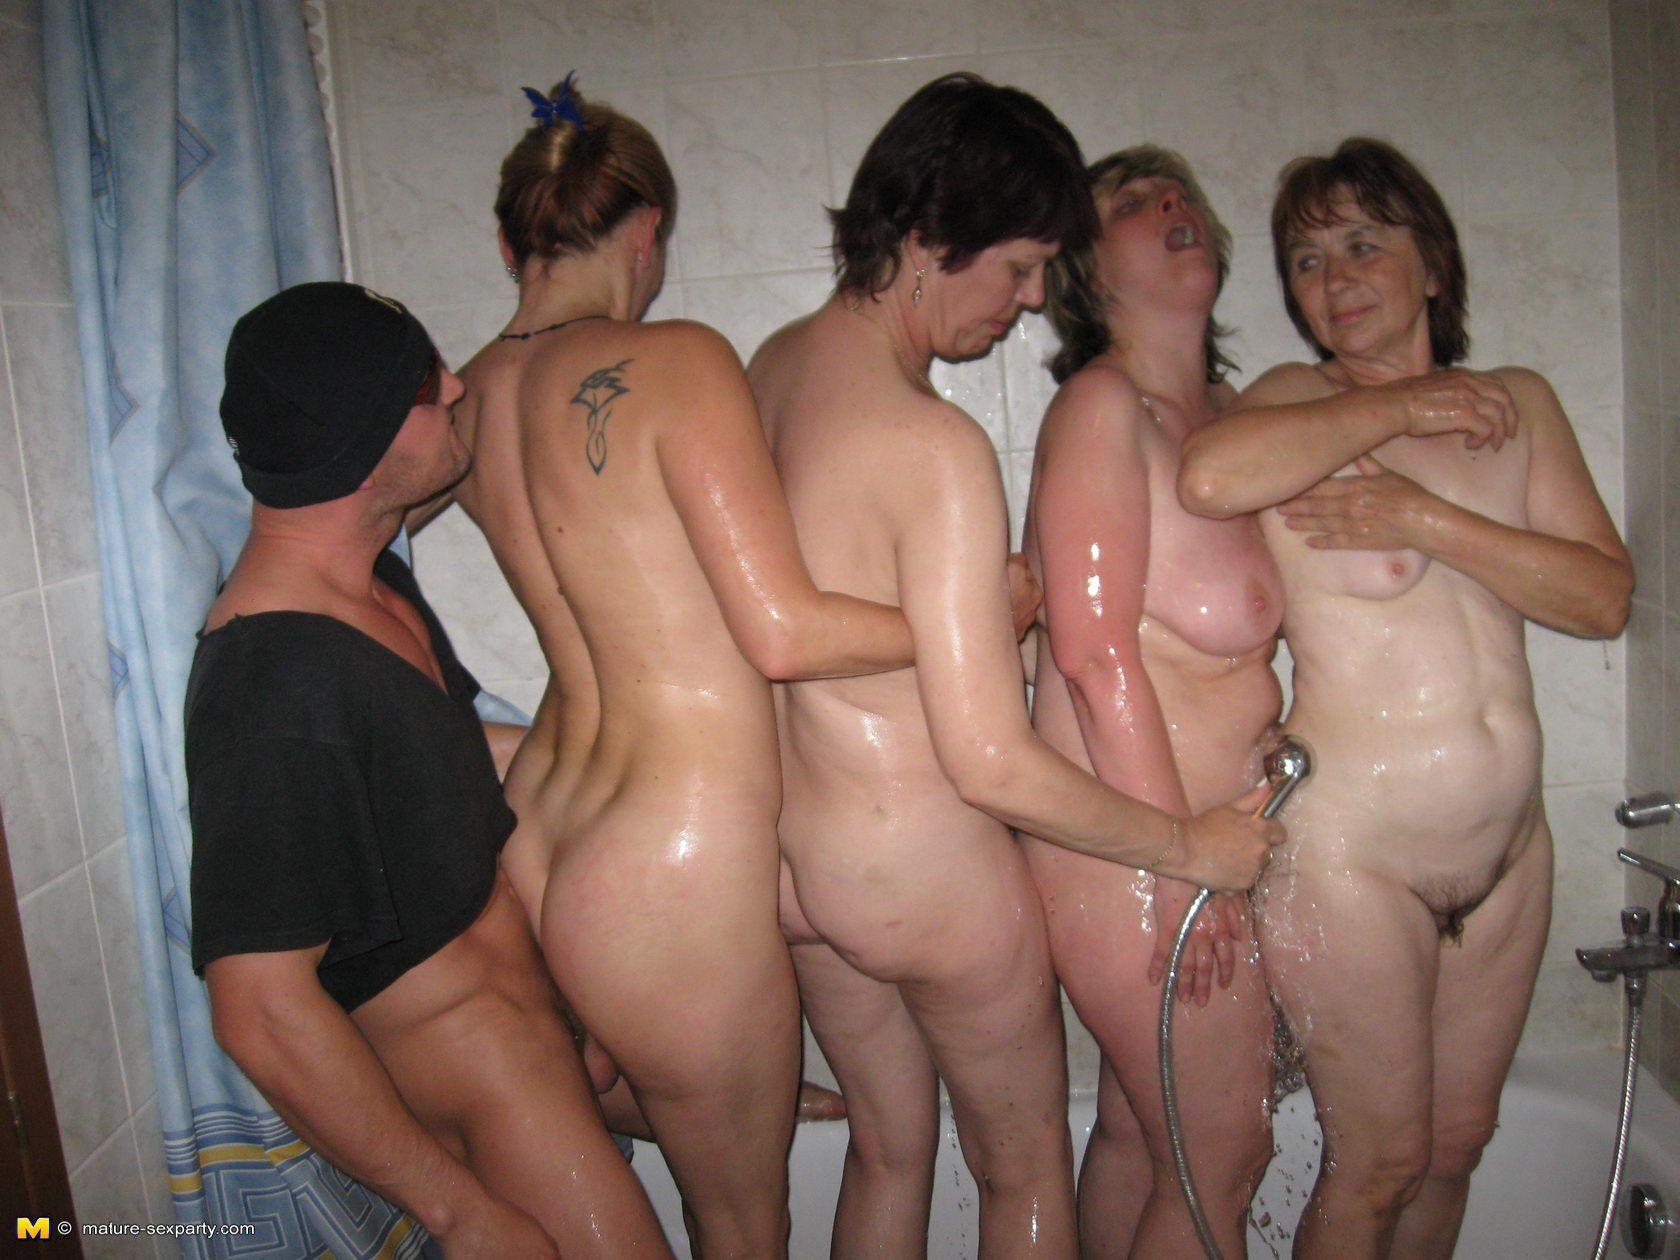 Aged Women Porn Pics amateur old women sex movies - hq photo porno. comments: 1